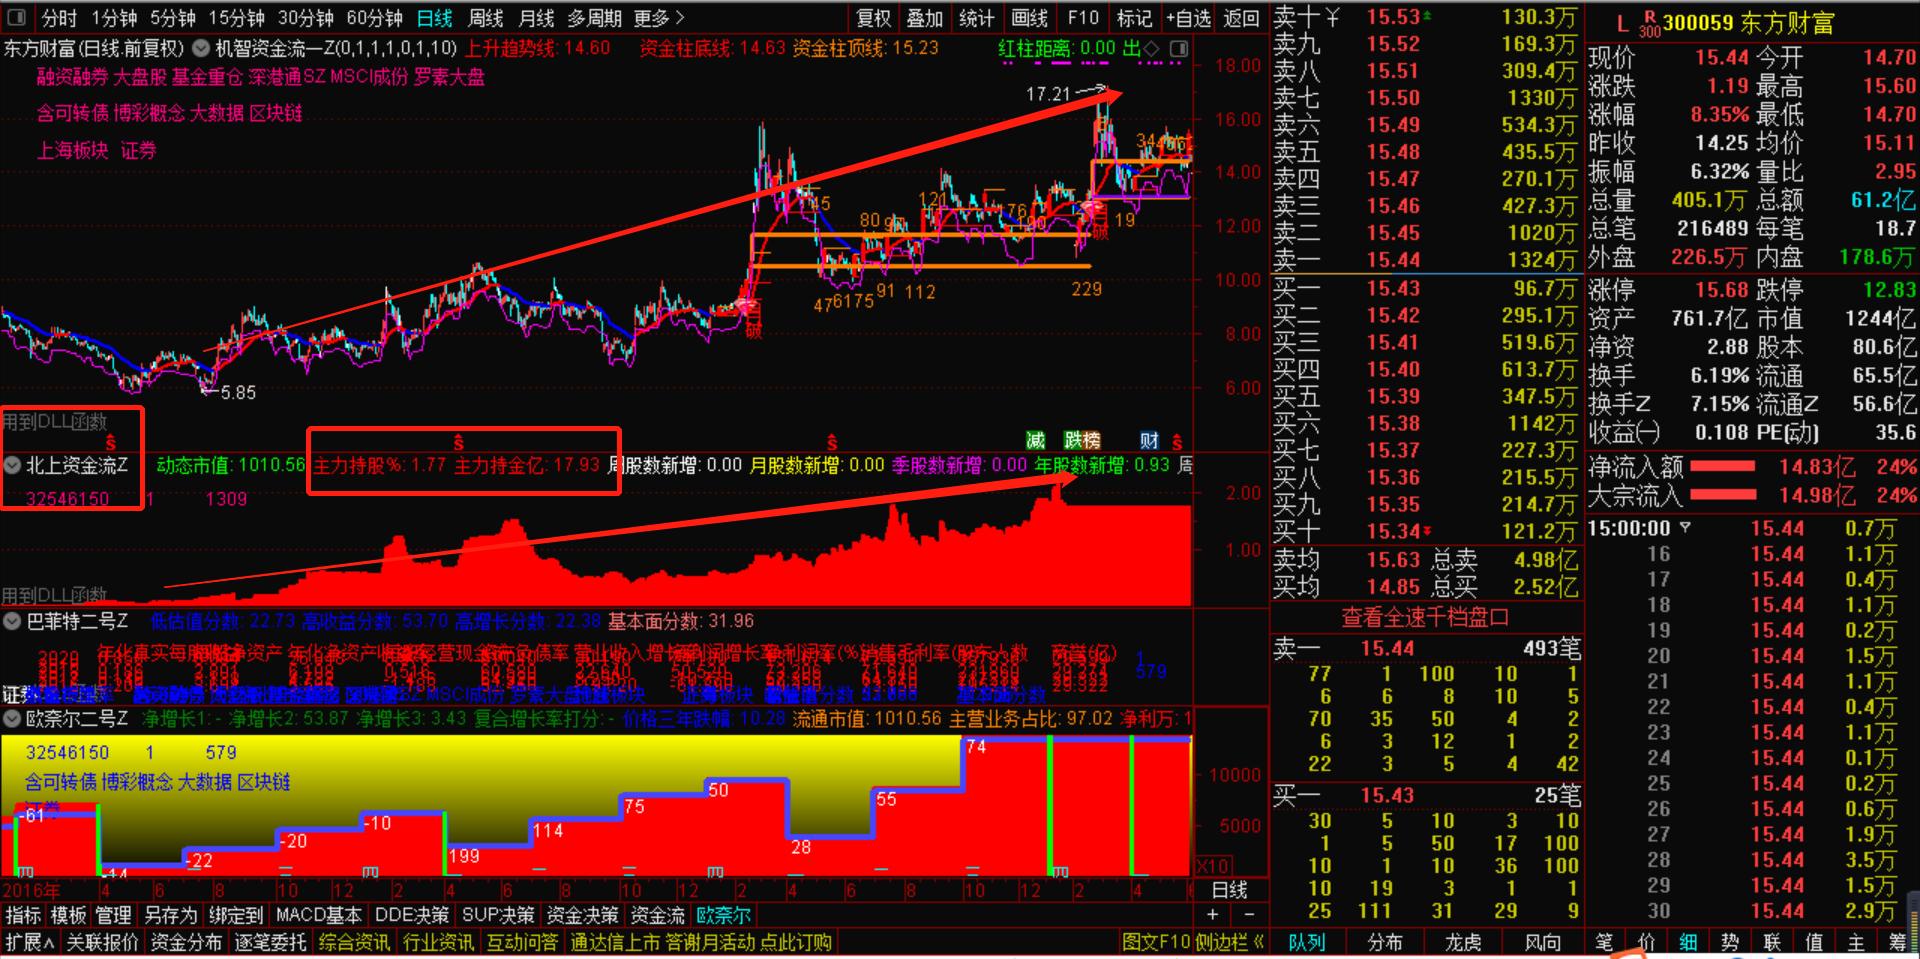 6月2号机智资金流:有没有能看股票个股外资流向的股票软件?